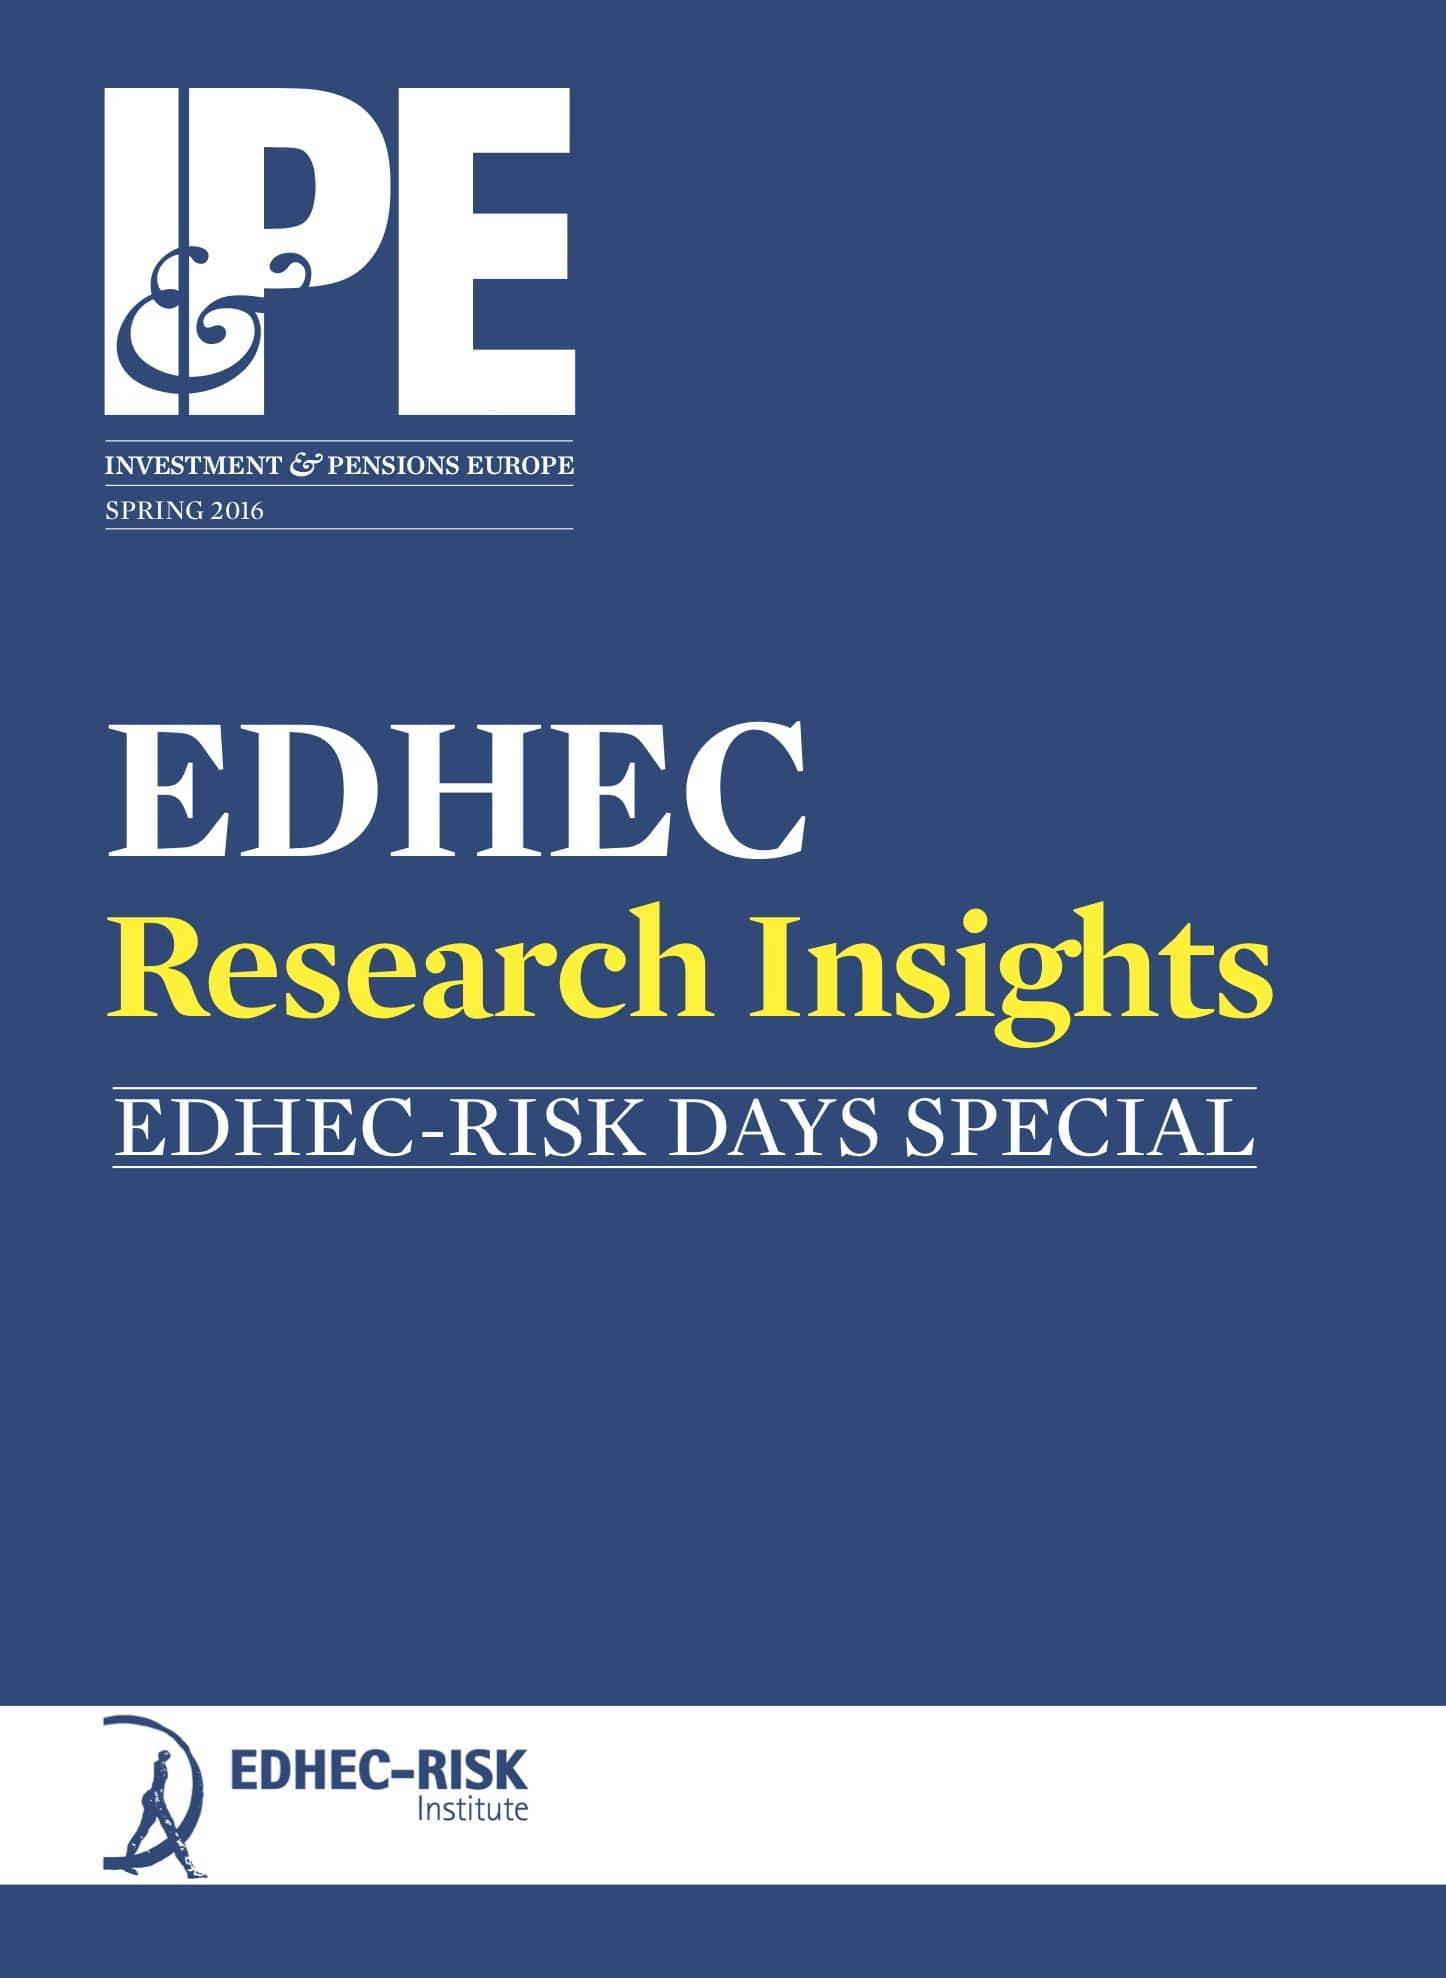 2016 EDHEC-Risk Institute Research Insights